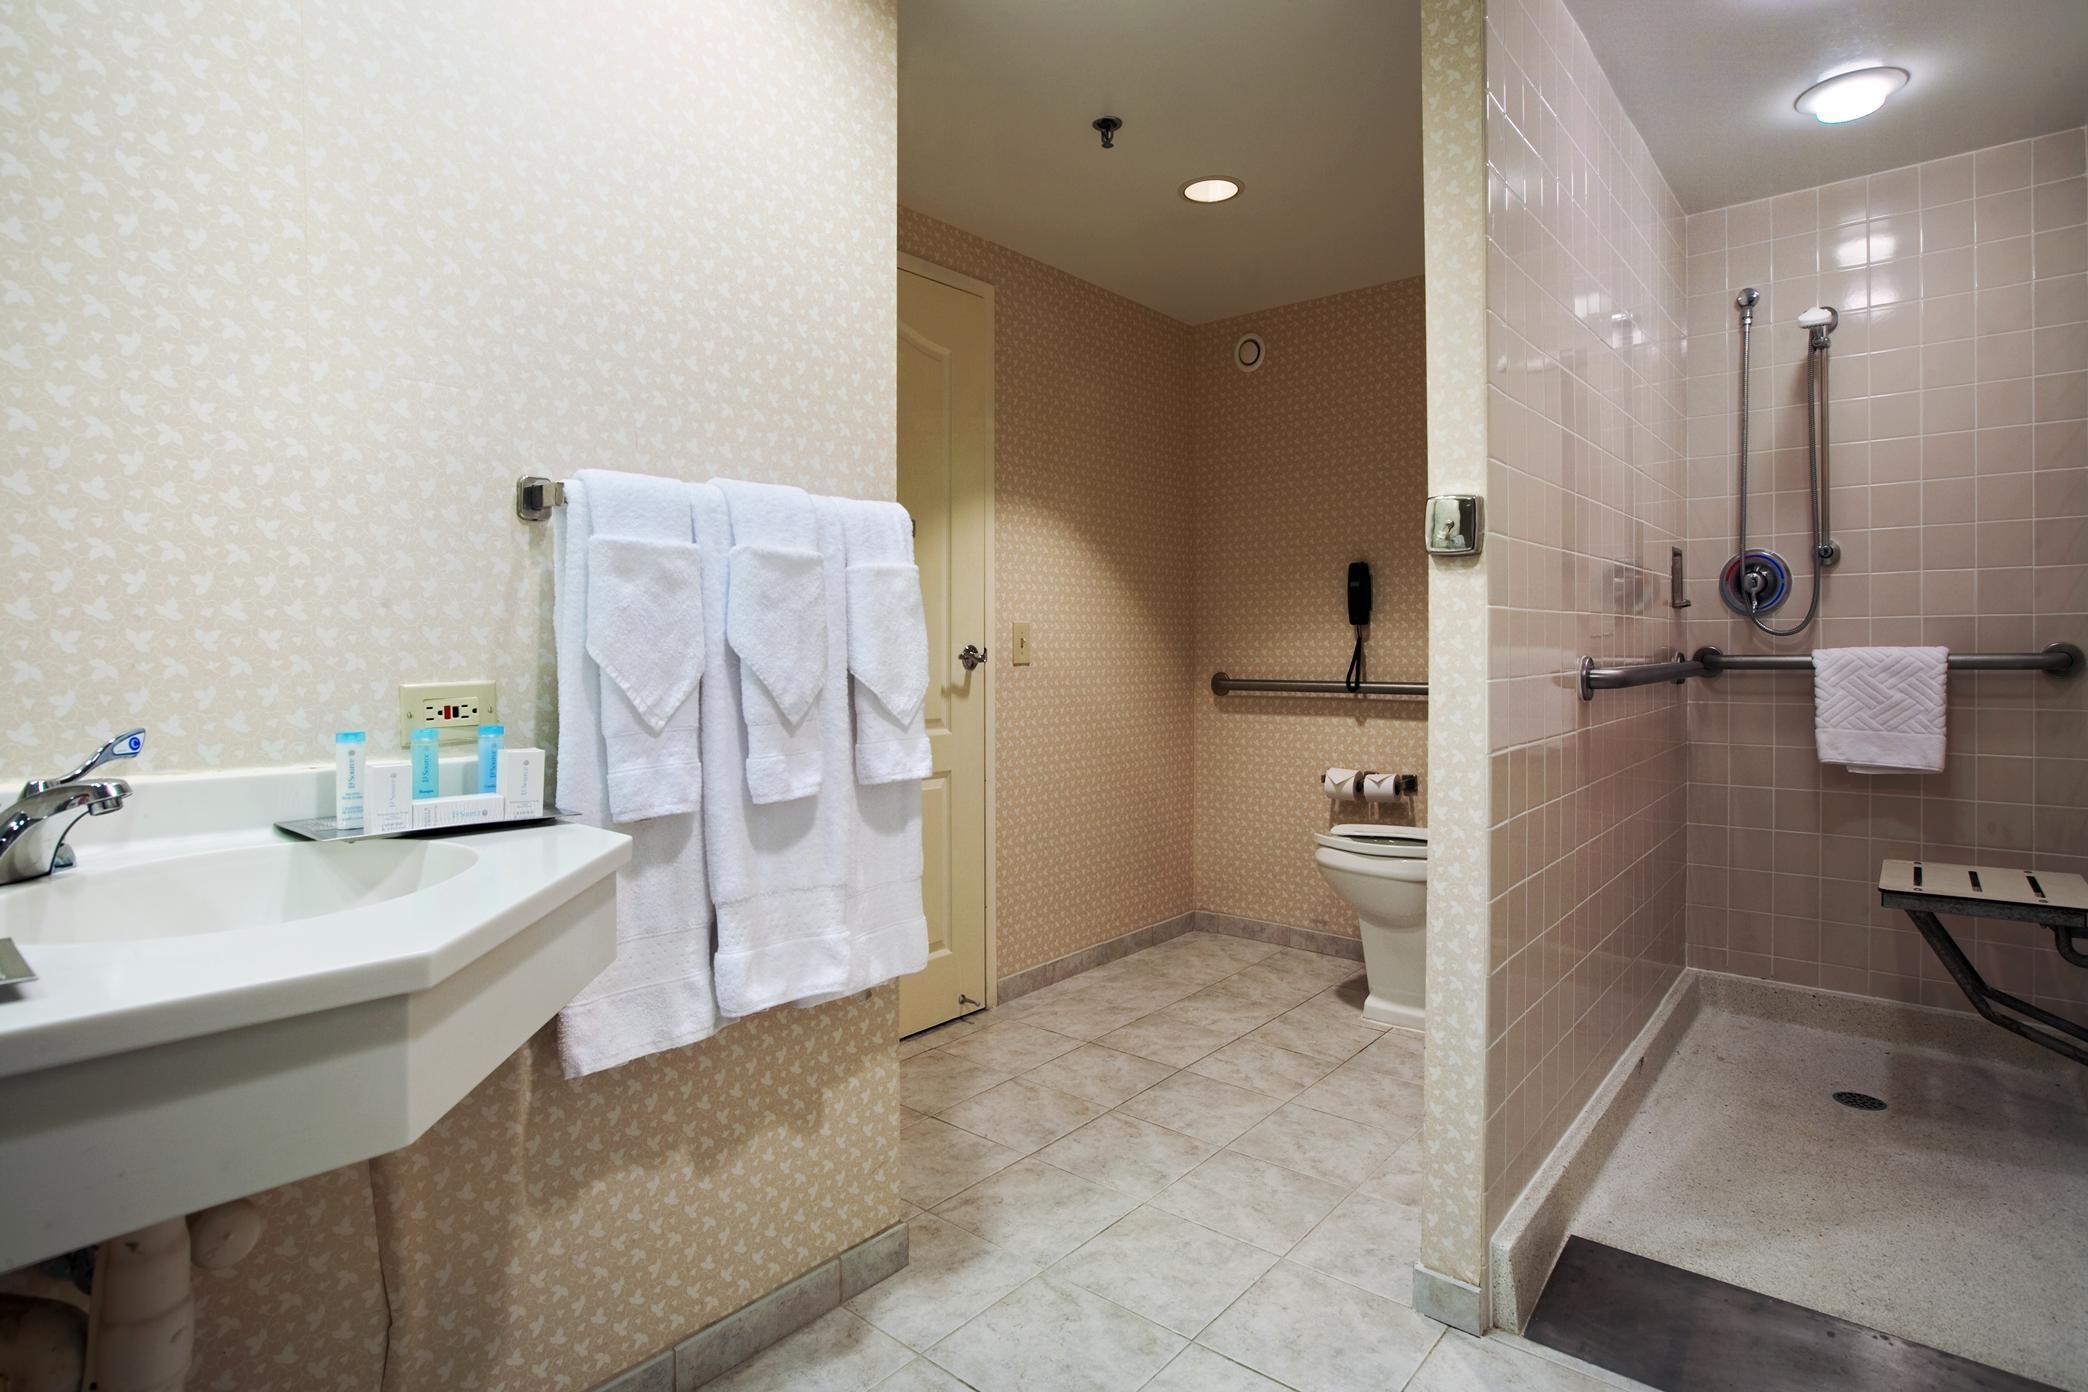 Hilton Chicago/Oak Brook Suites image 14